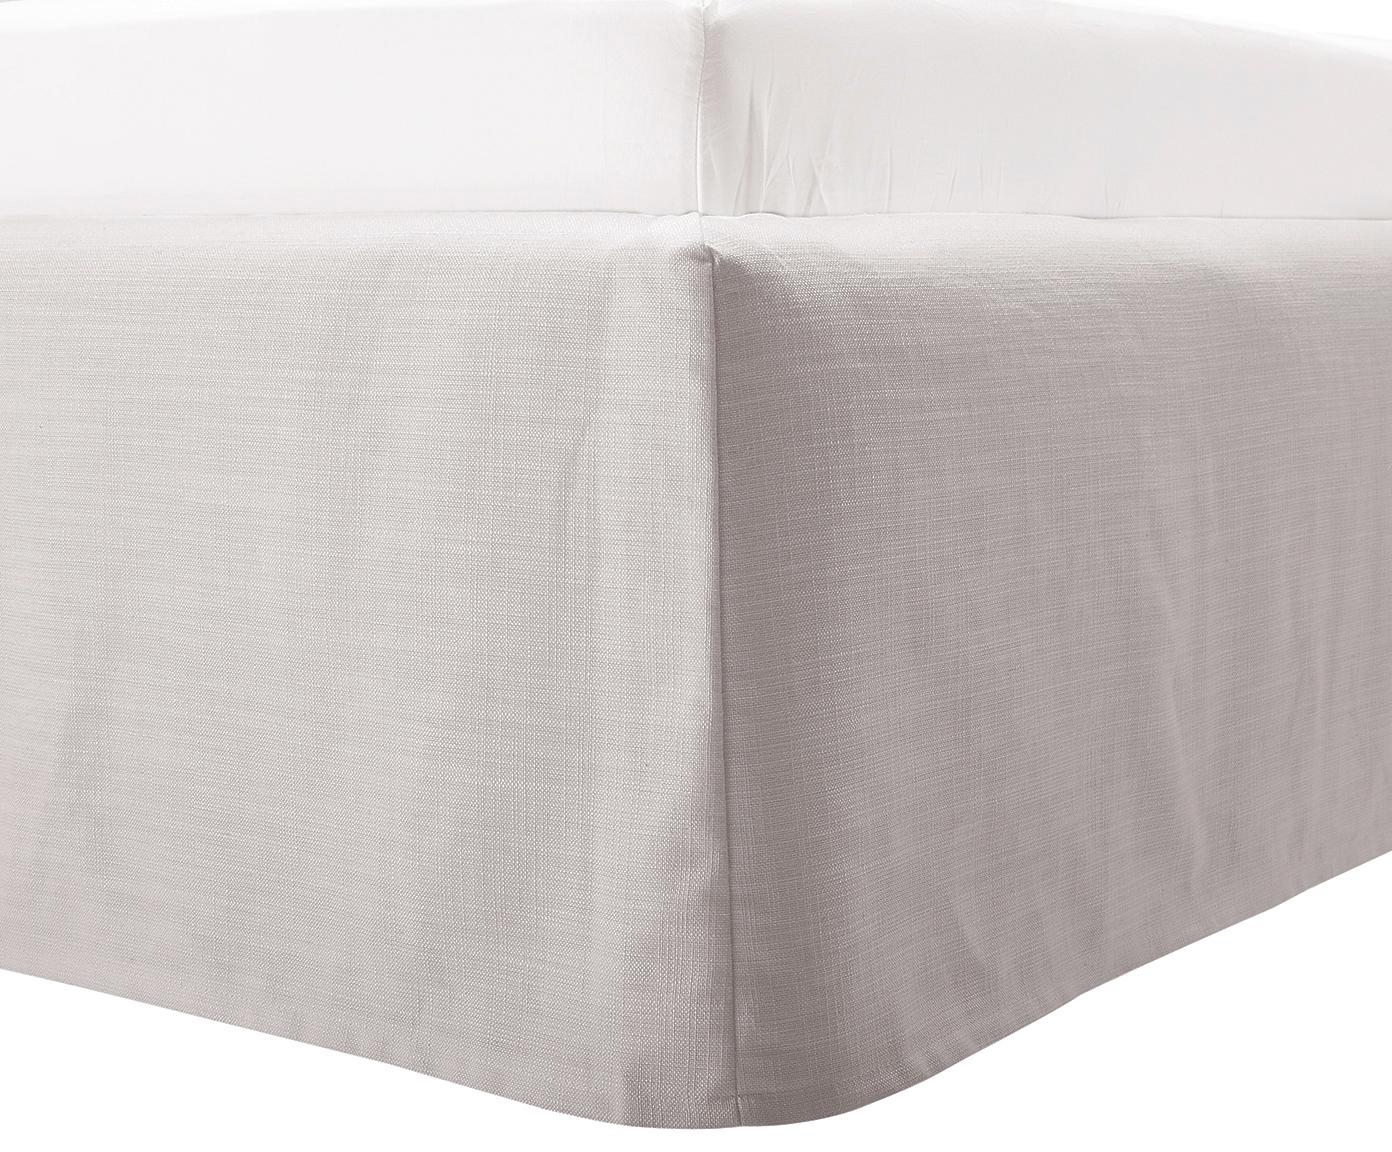 Łóżko tapicerowane  z funkcją przechowywania Feather, Korpus: lite drewno sosnowe, Tapicerka: poliester (materiał tekst, Jasny szary, 160 x 200 cm